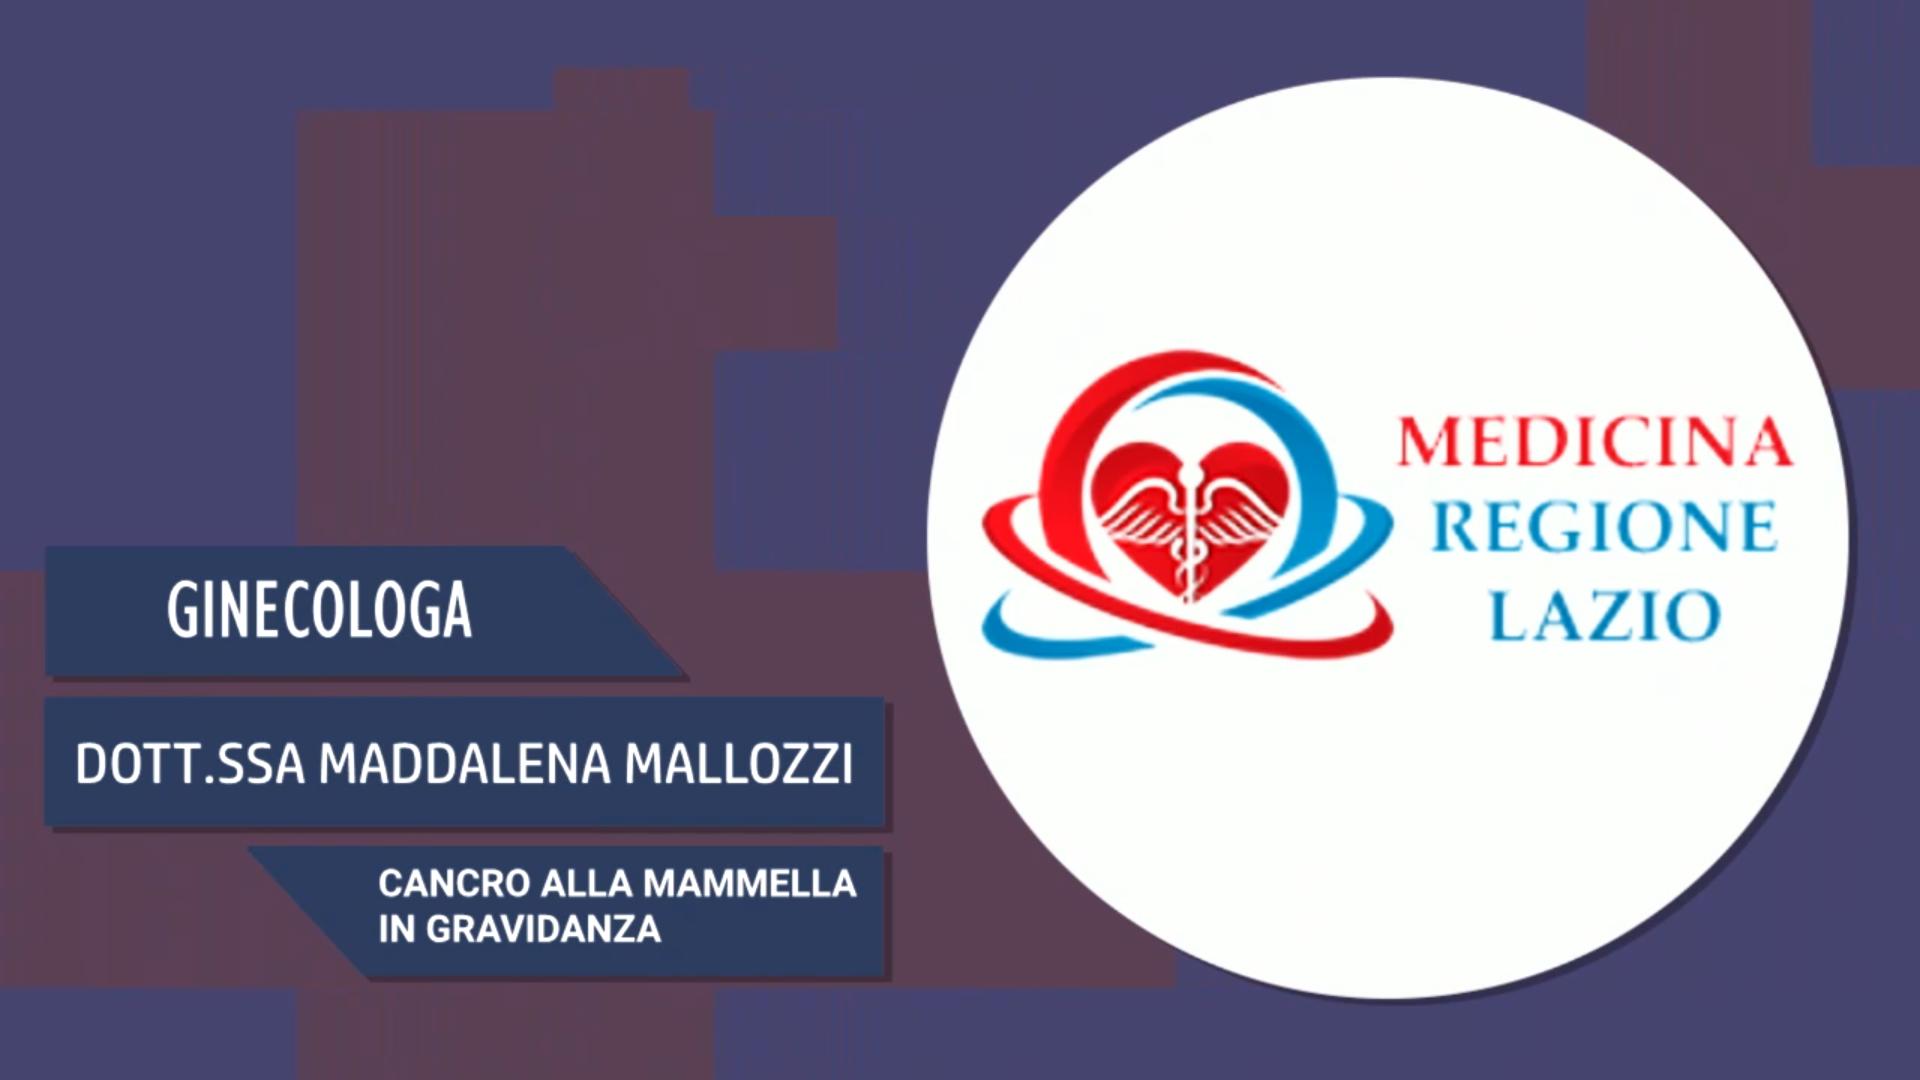 Intervista alla Dott.ssa Maddalena Mallozzi – Cancro alla mammella in gravidanza